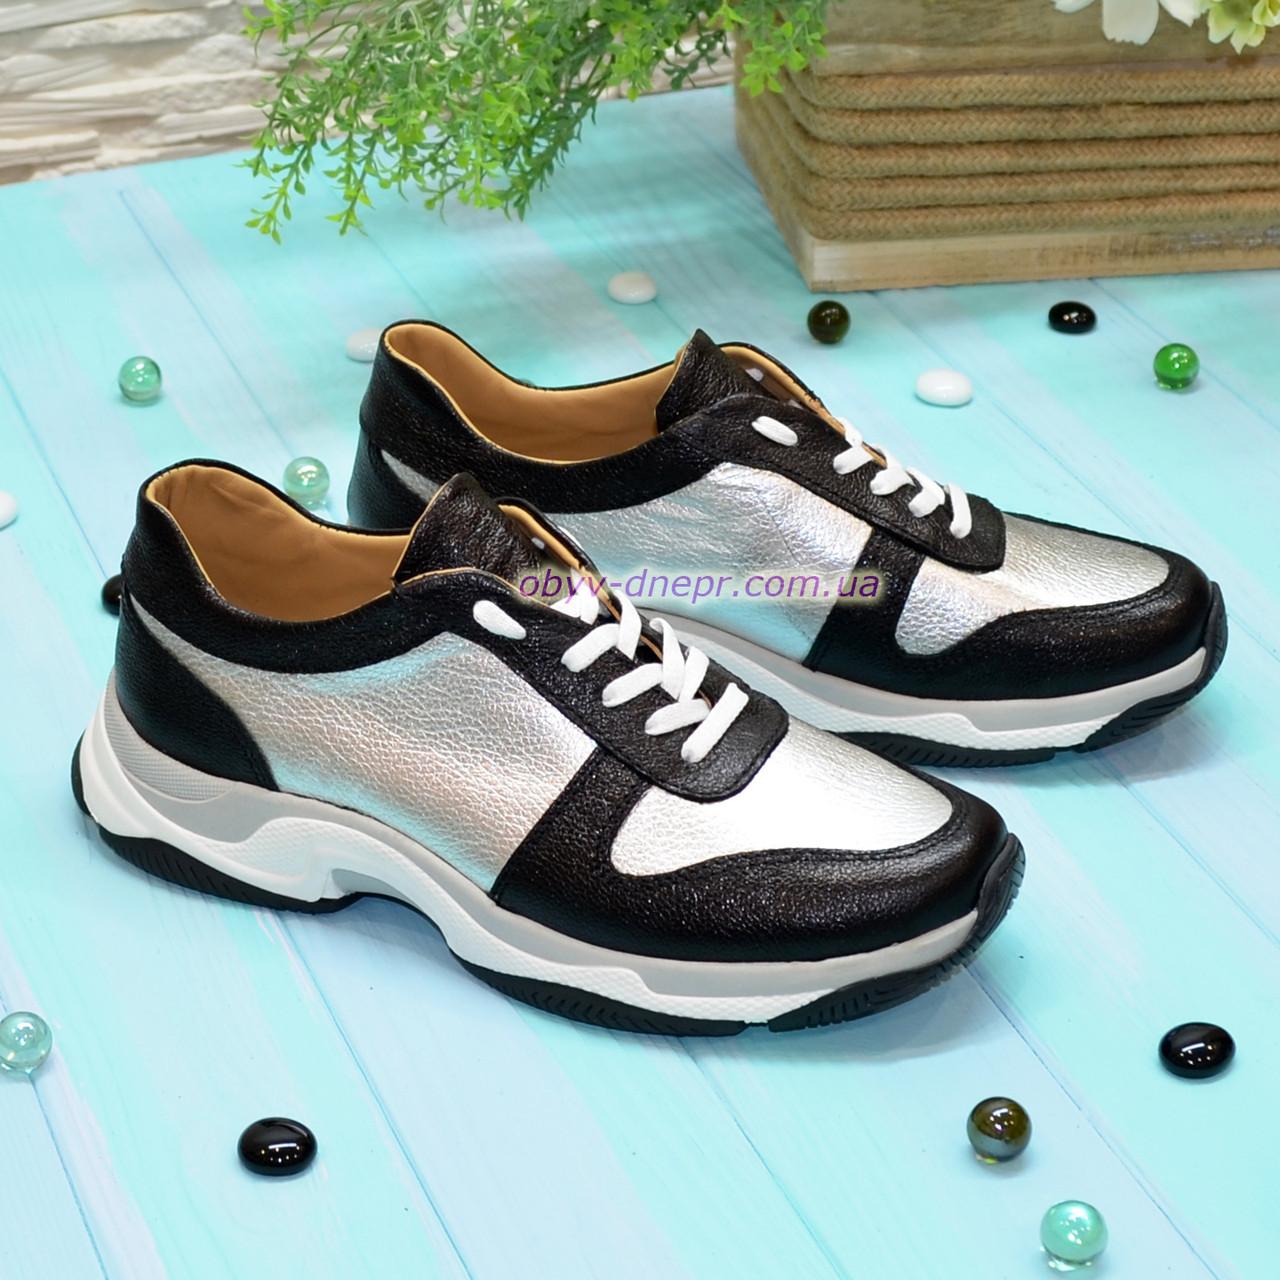 Кроссовки женские кожаные на шнуровке, цвет черный/серебро